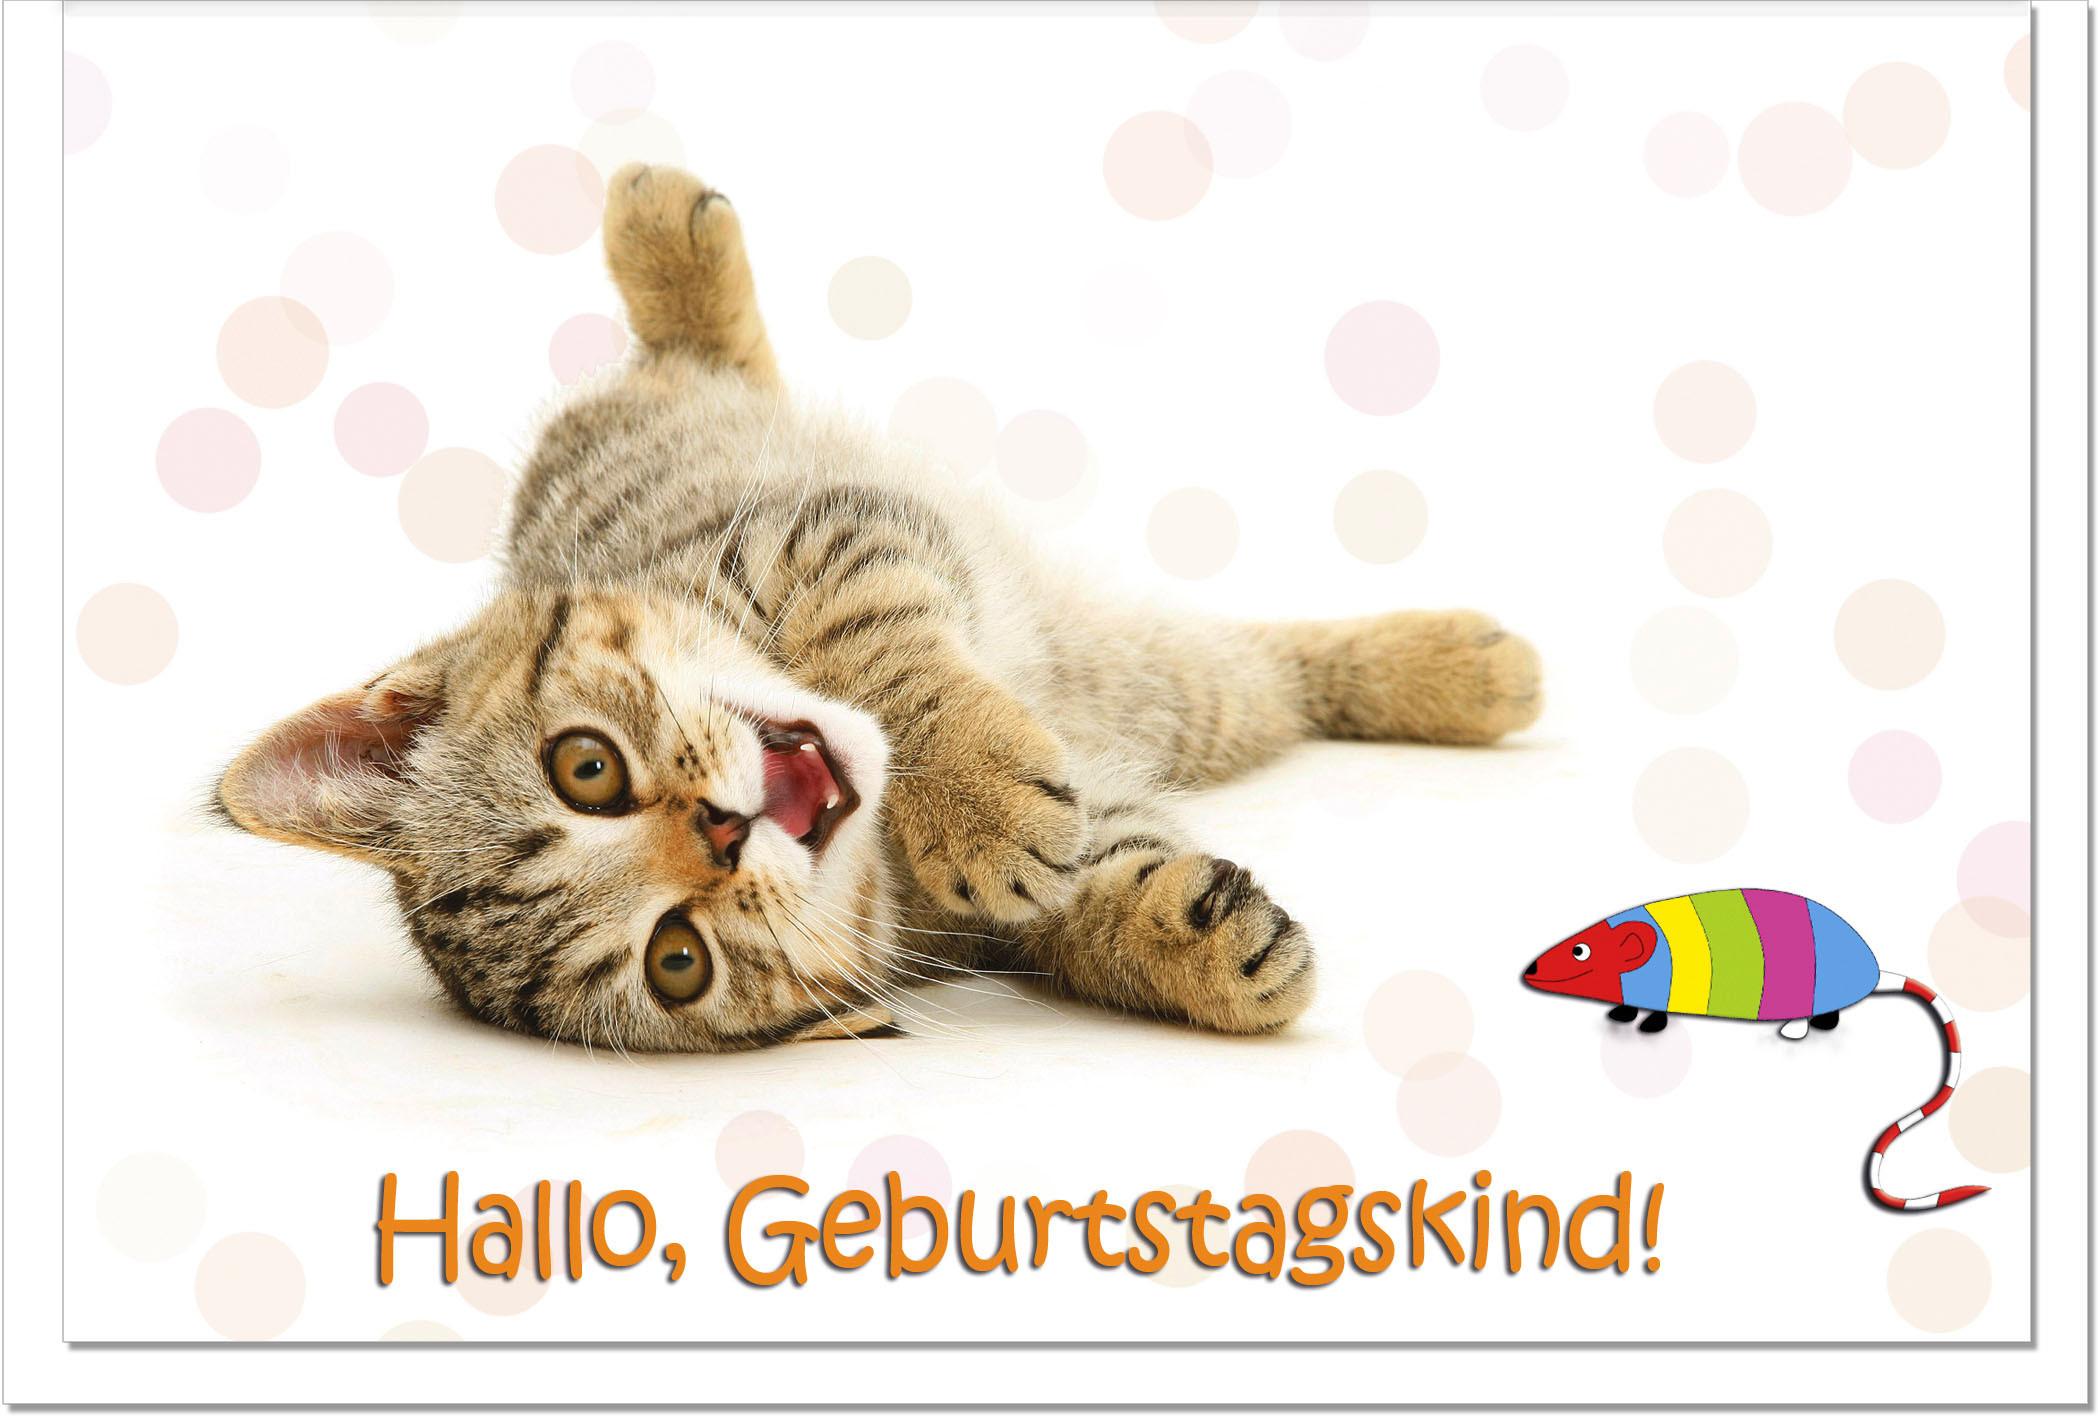 Geburtstagswünsche Katzen  Geburtstagskarten Grußkarten Geburtstag Katze mit Maus